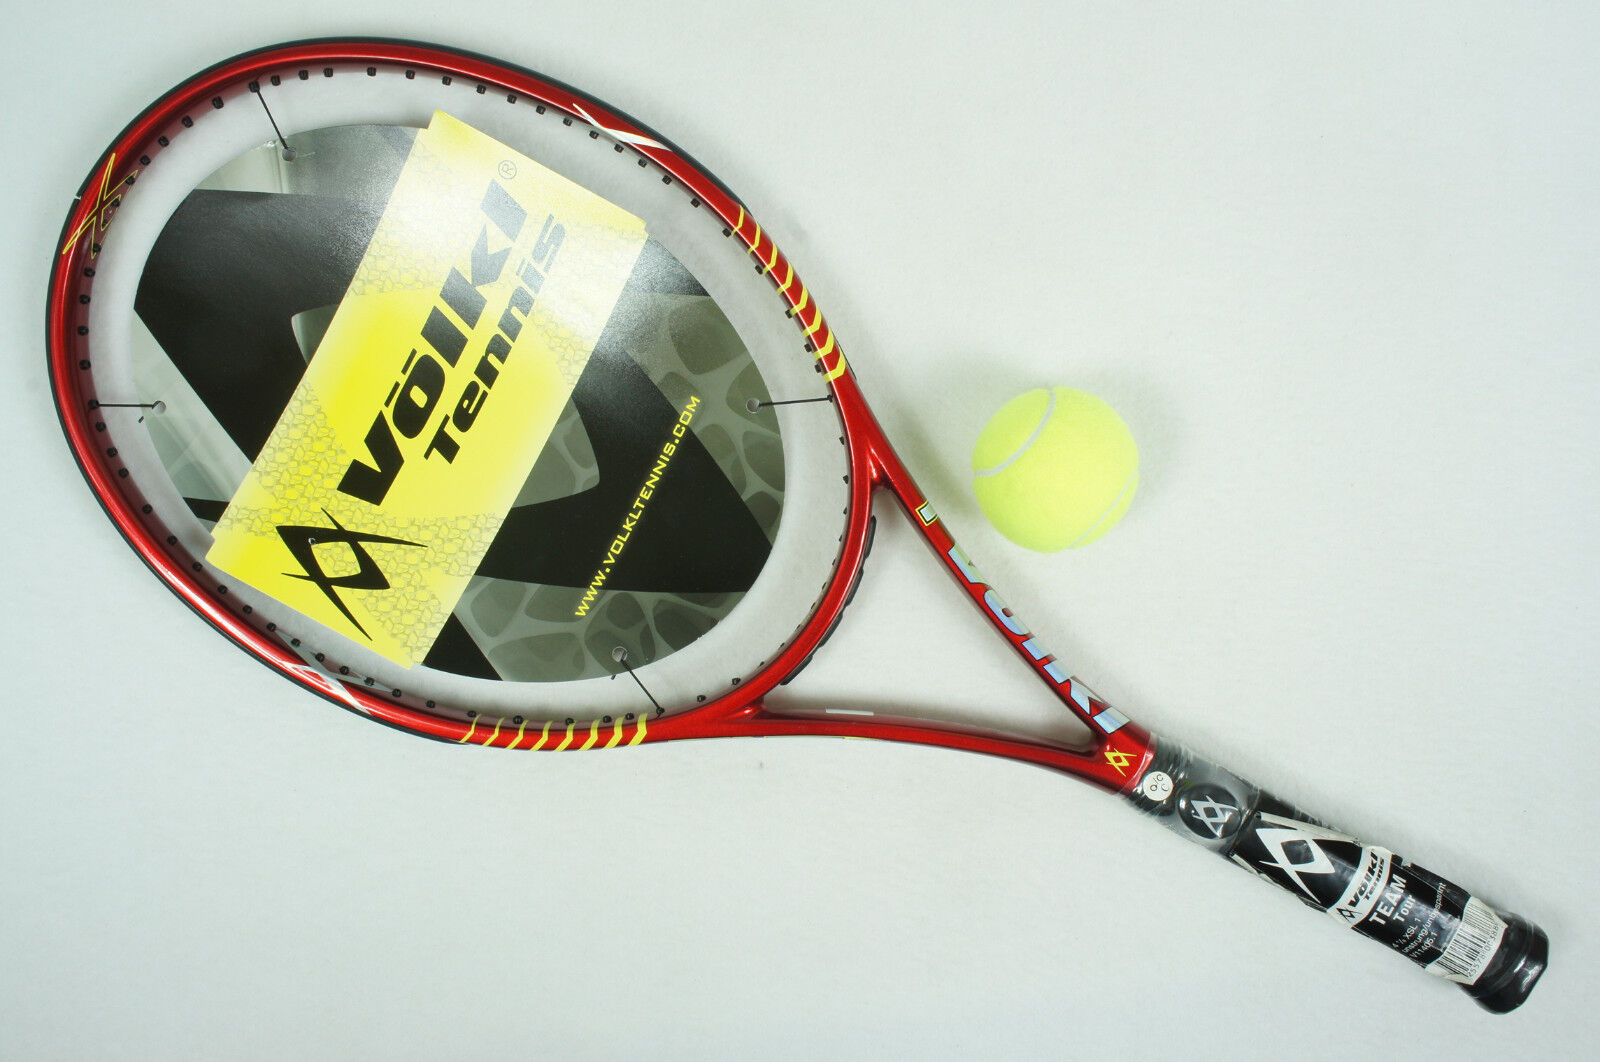 NOUVEAU  Volkl équipe Tour 4 1 8 Raquette de tennis ( 2112)